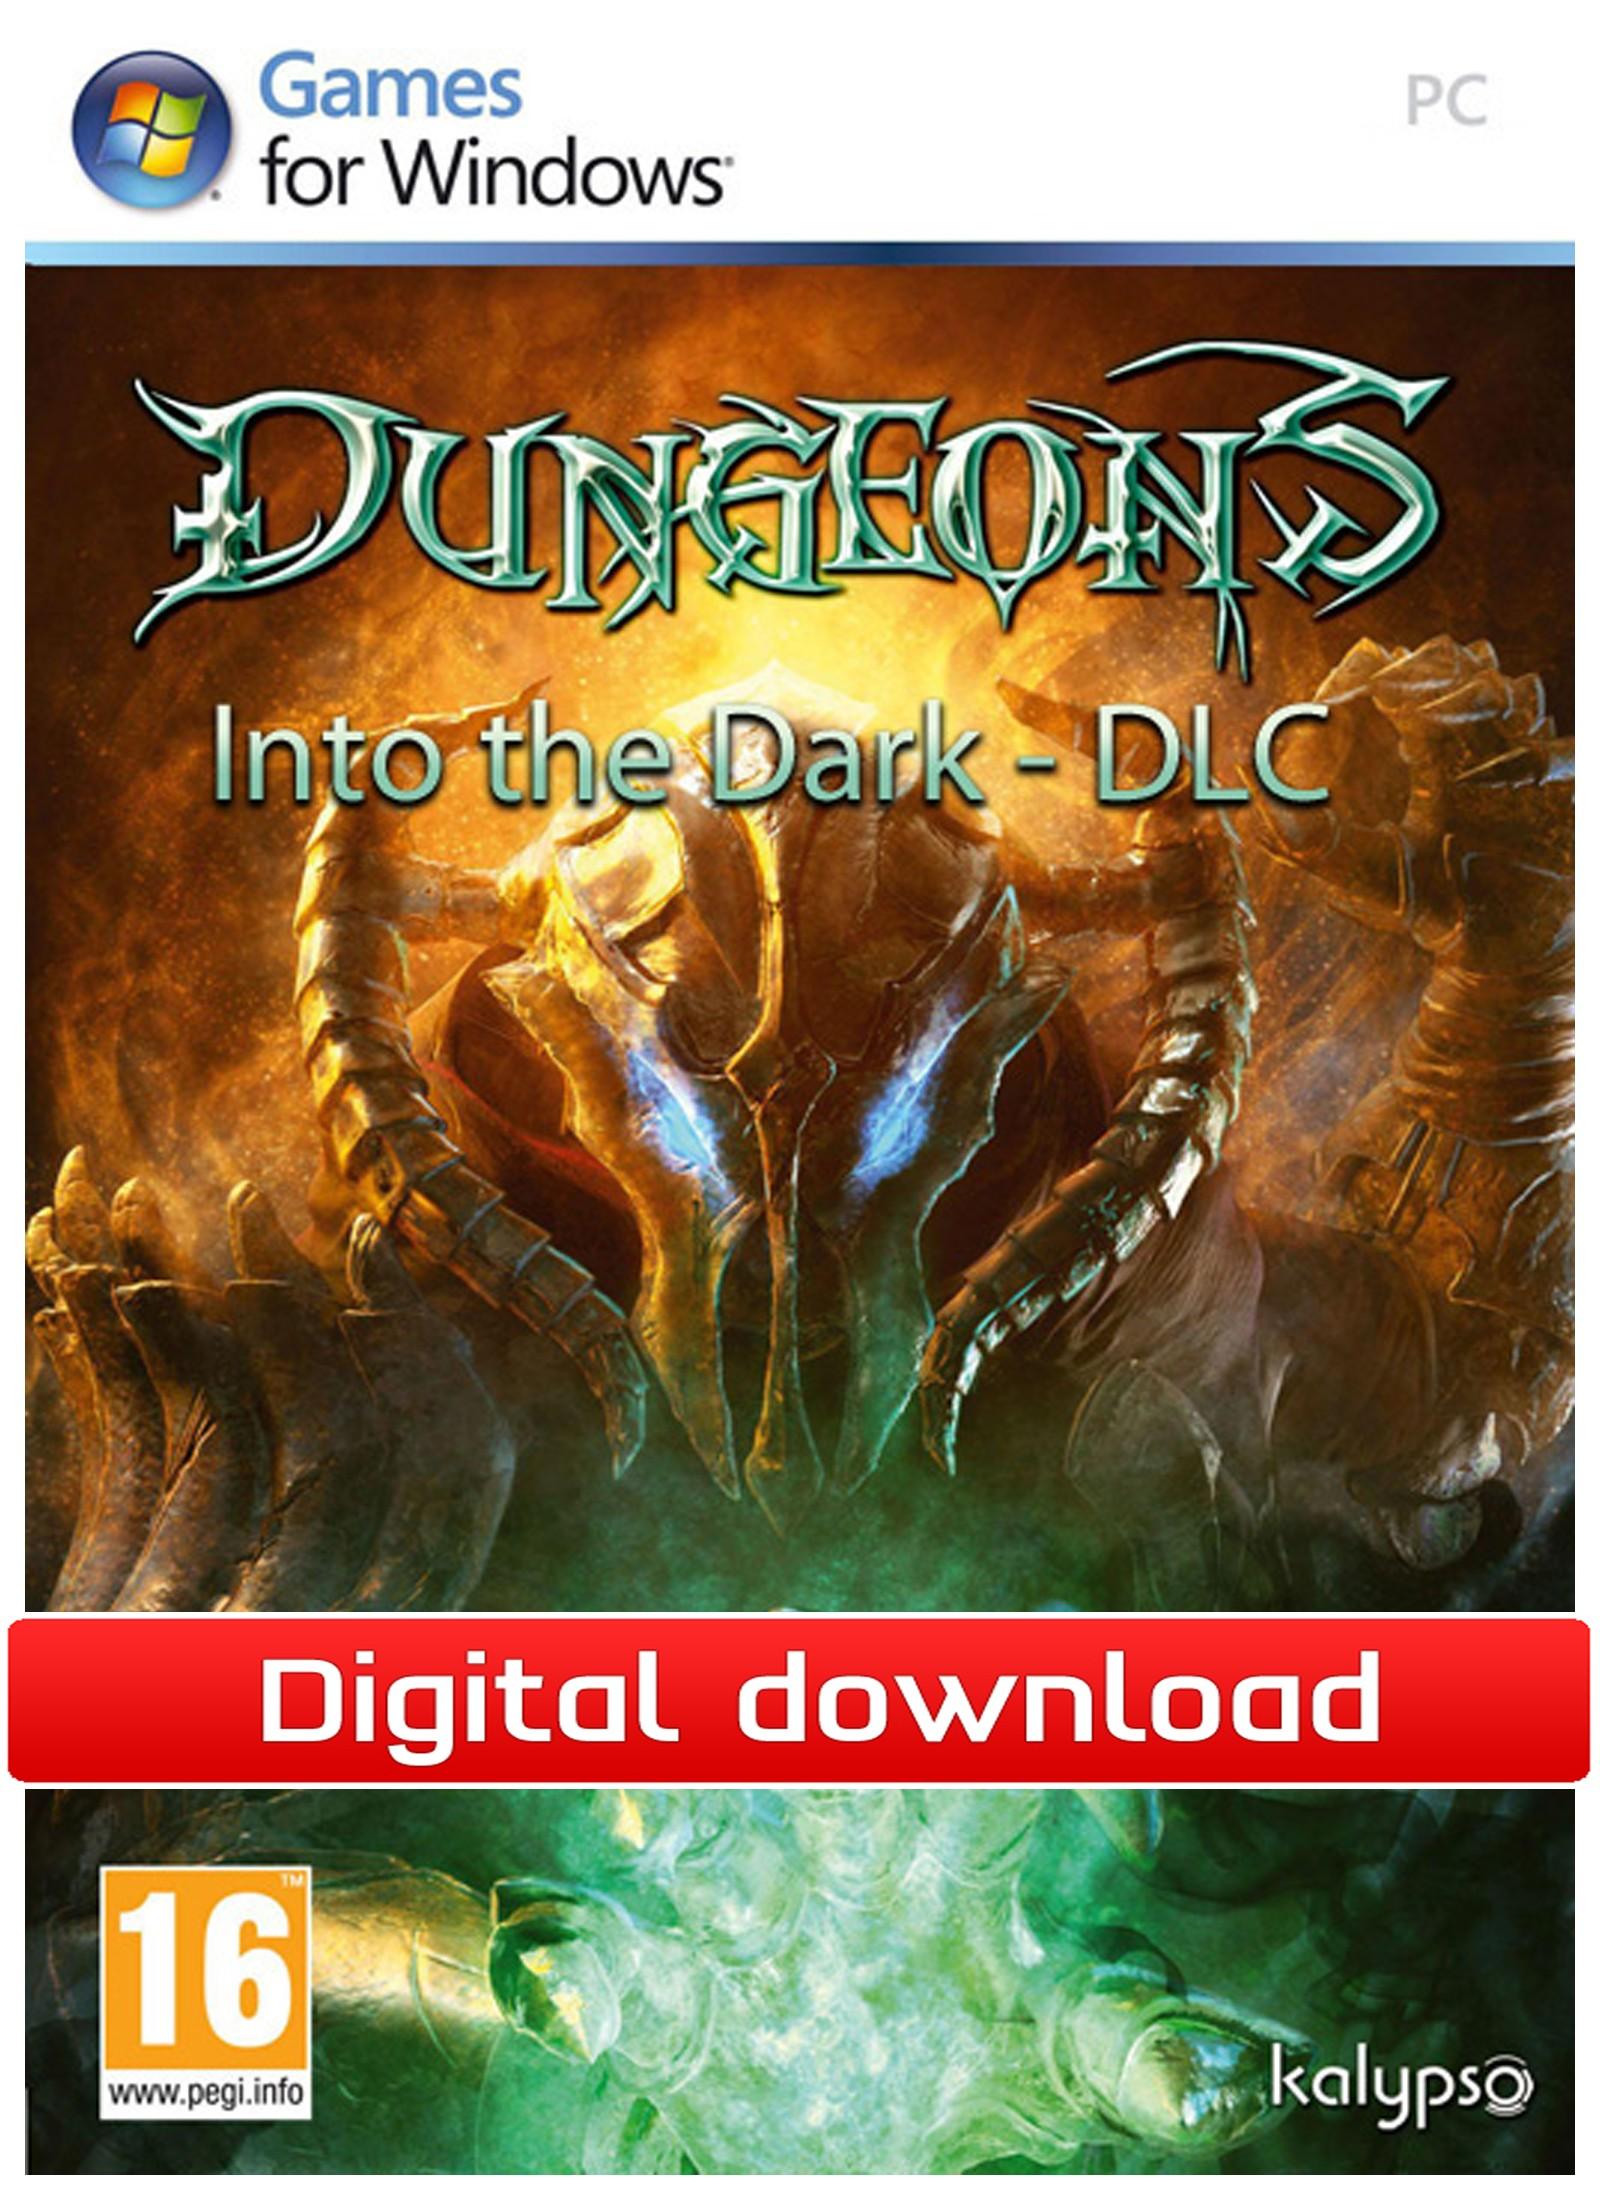 Dungeons: Into the Dark - DLC(PC nedlastning) PCDD26502